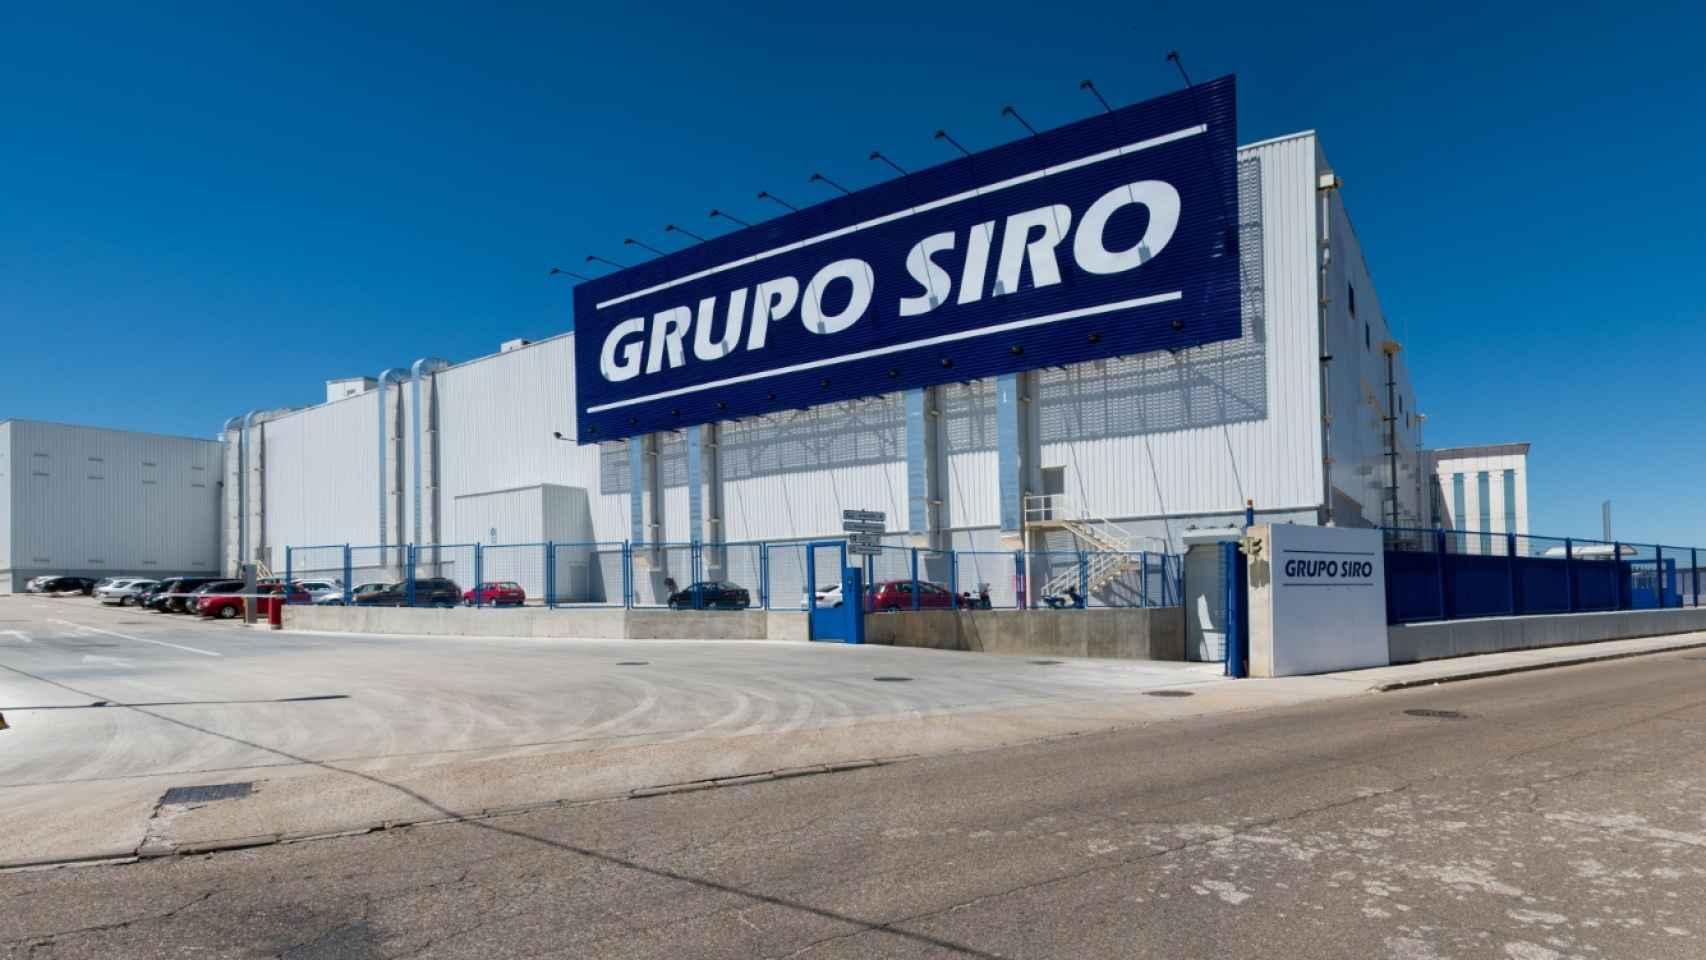 Cerealto Siro culmina su desconexión de Mercadona con la venta de sus dos fábricas